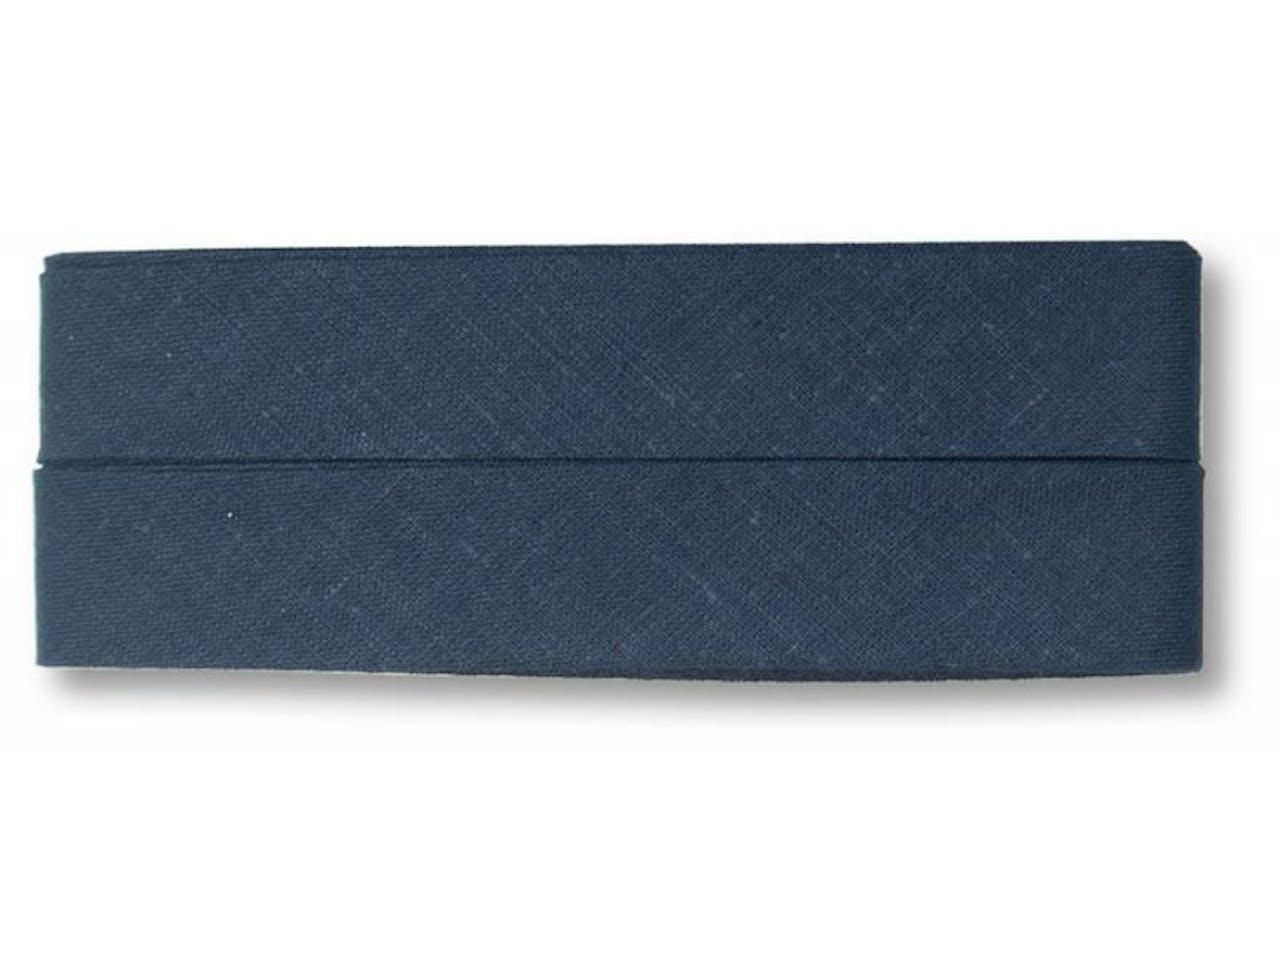 Prym Baumwolle Schrägband 40/20 mm, l = 3,5 m, marine (903357)